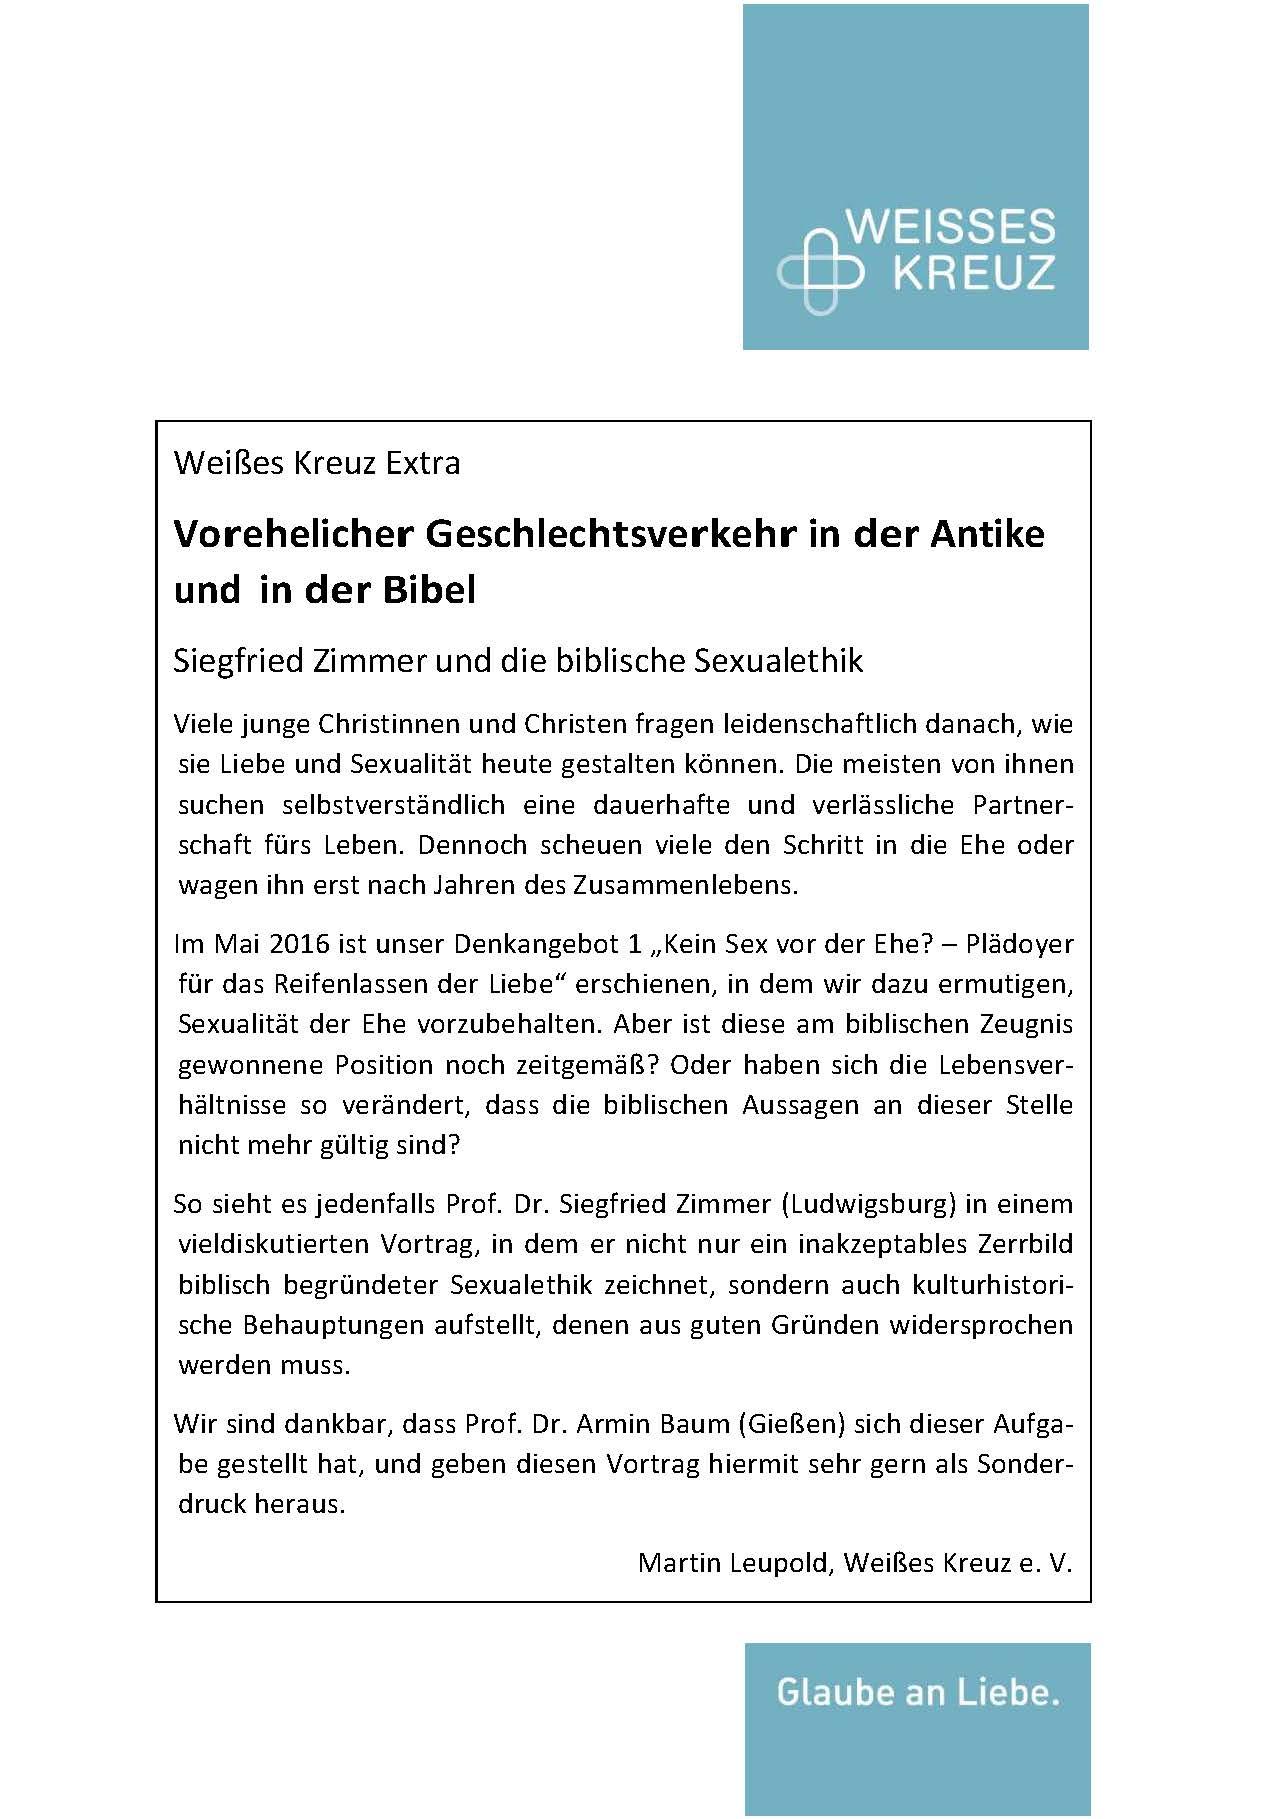 Armin Baum - Vorehelicher Geschlechtsverkehr in der Antike und in der Bibel